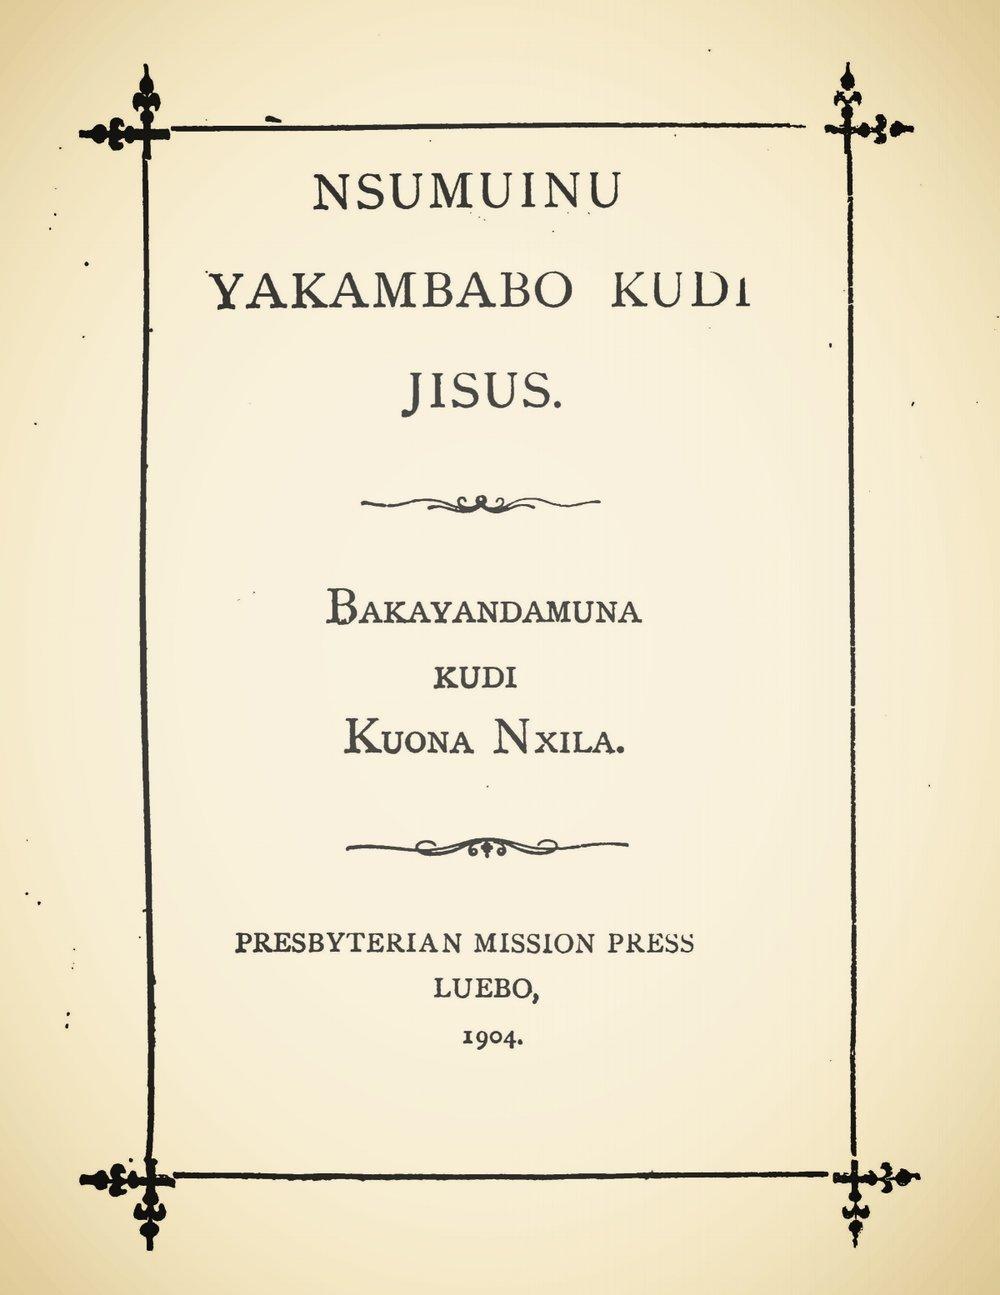 Morrison, William, Nsumuinu Yakambabo Kudi Jisus Title Page.jpg